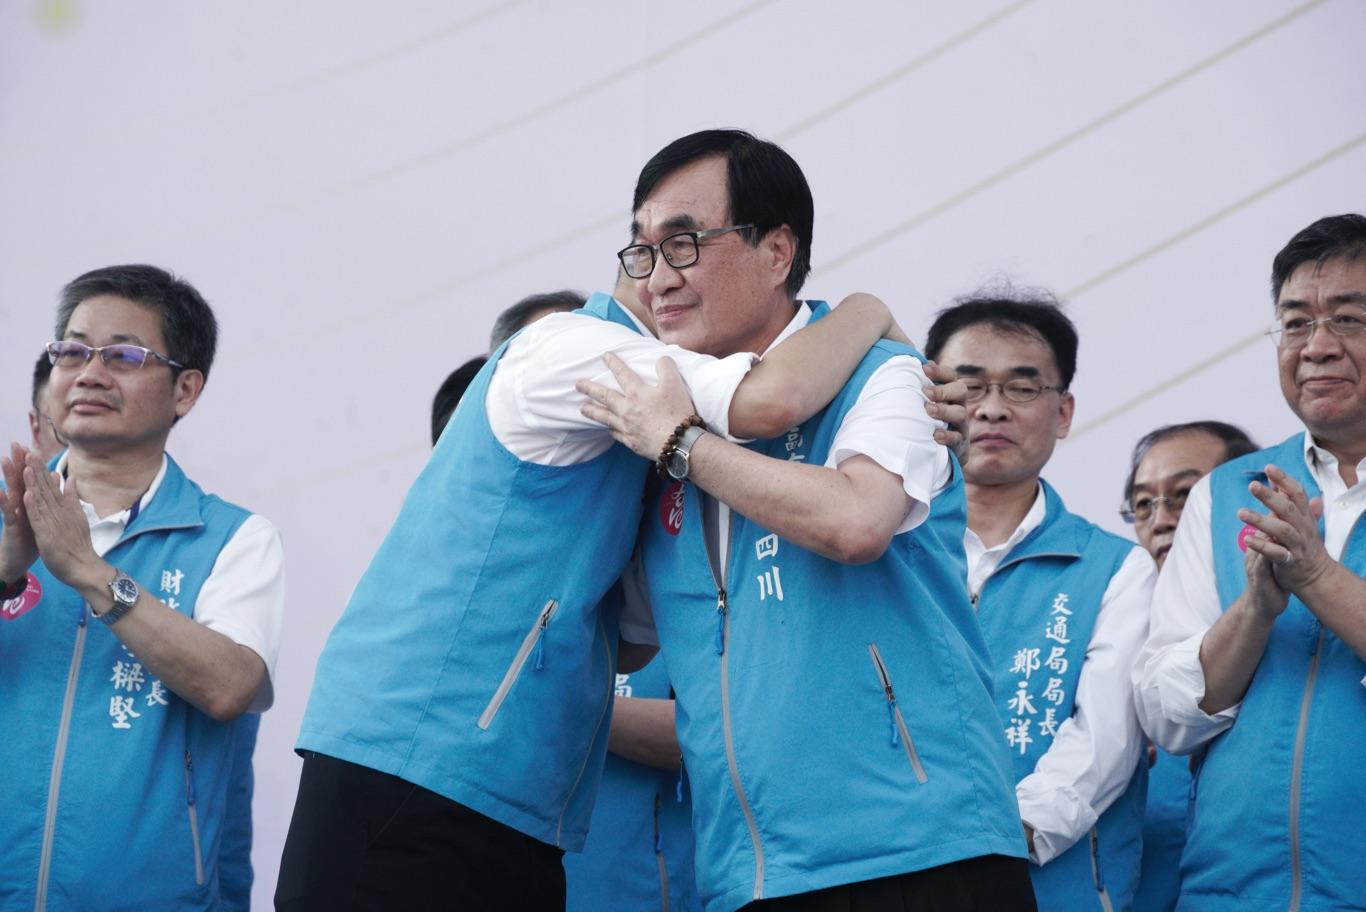 韓國瑜擁抱副市長李四川。 圖:張良一/攝